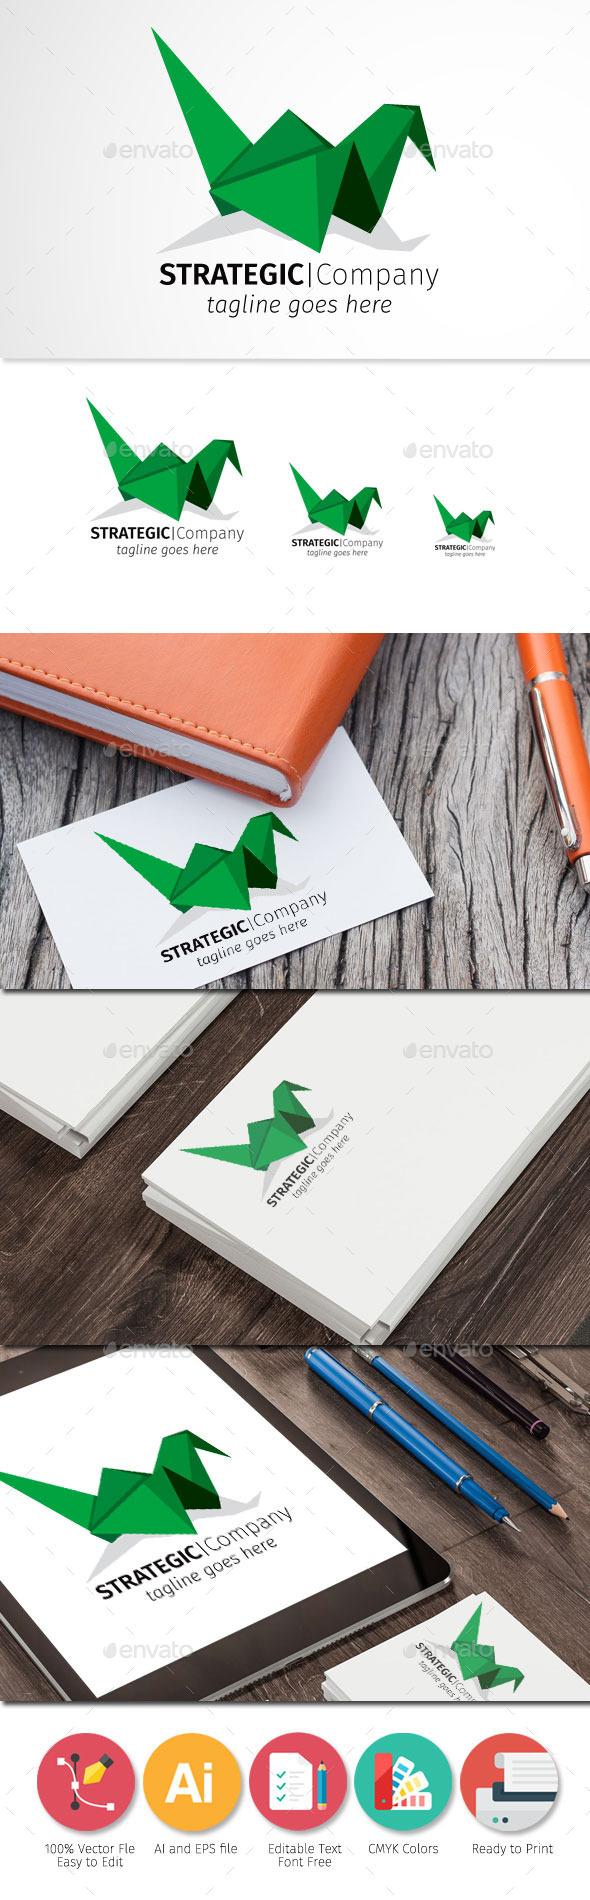 GraphicRiver Strategic Company Origami 11908746